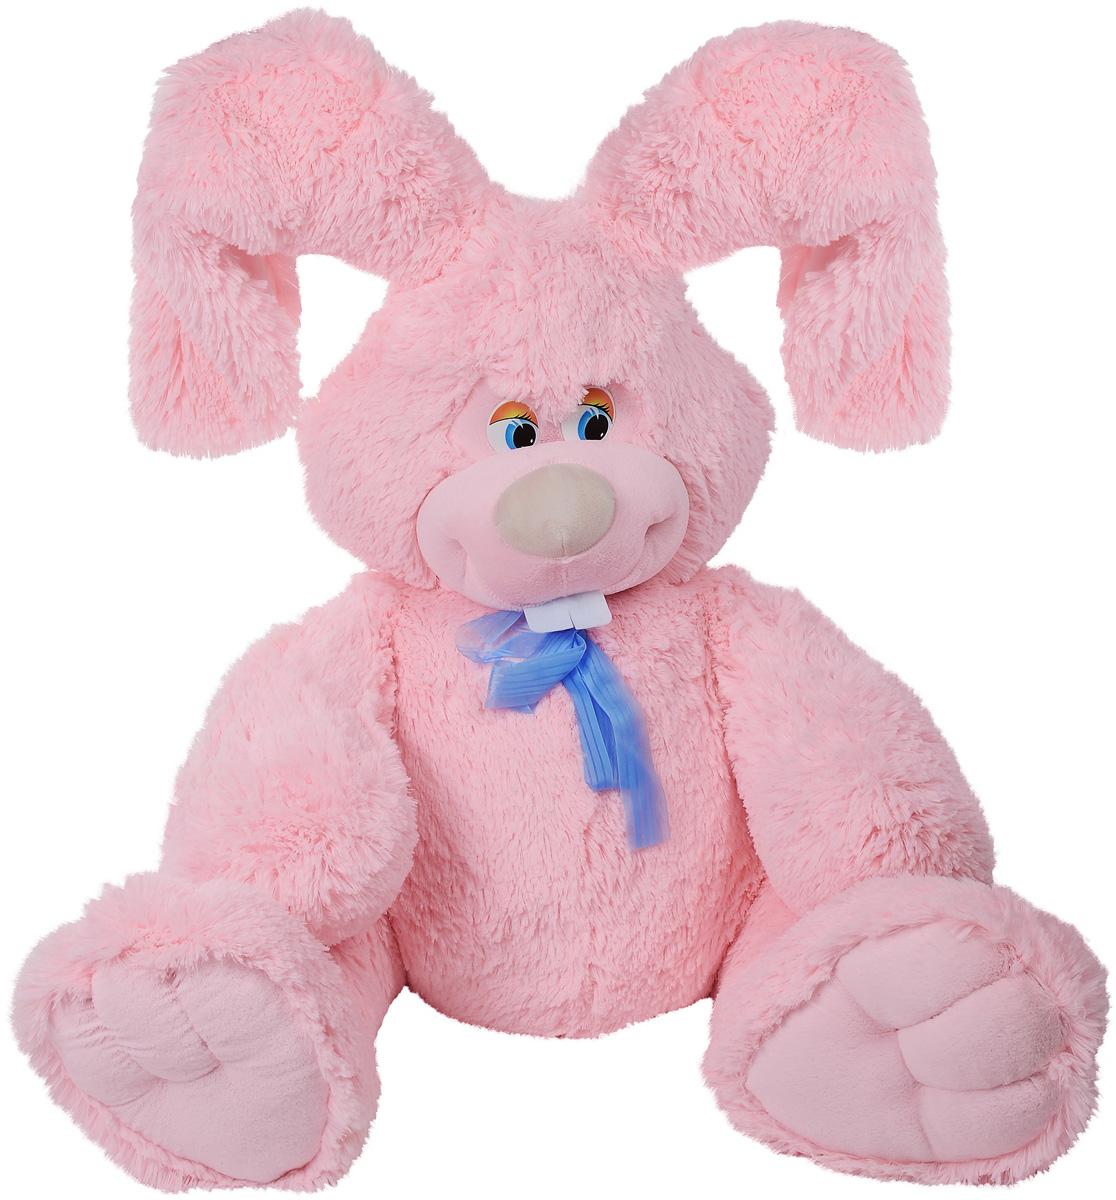 Fancy Мягкая игрушка Заяц Лаврик 65 смЗЛК4РV_розовыйМягкая игрушка Fancy Заяц Лаврик станет настоящим любимцем не только для ребенка, но и для всех членов семьи. Трогательный вислоухий заяц Лаврик с торчащими зубами непременно понравится всем! Ласковый и любознательный, всегда в отличном настроении, заяц будет надежным другом и соратником в играх вашего малыша, с которым он не захочет расставаться. Шерстка зайца очень мягкая, вызывает приятные тактильные ощущения и легко очищается. Выполнен из безопасных материалов. Порадуйте своего ребенка таким замечательным подарком!